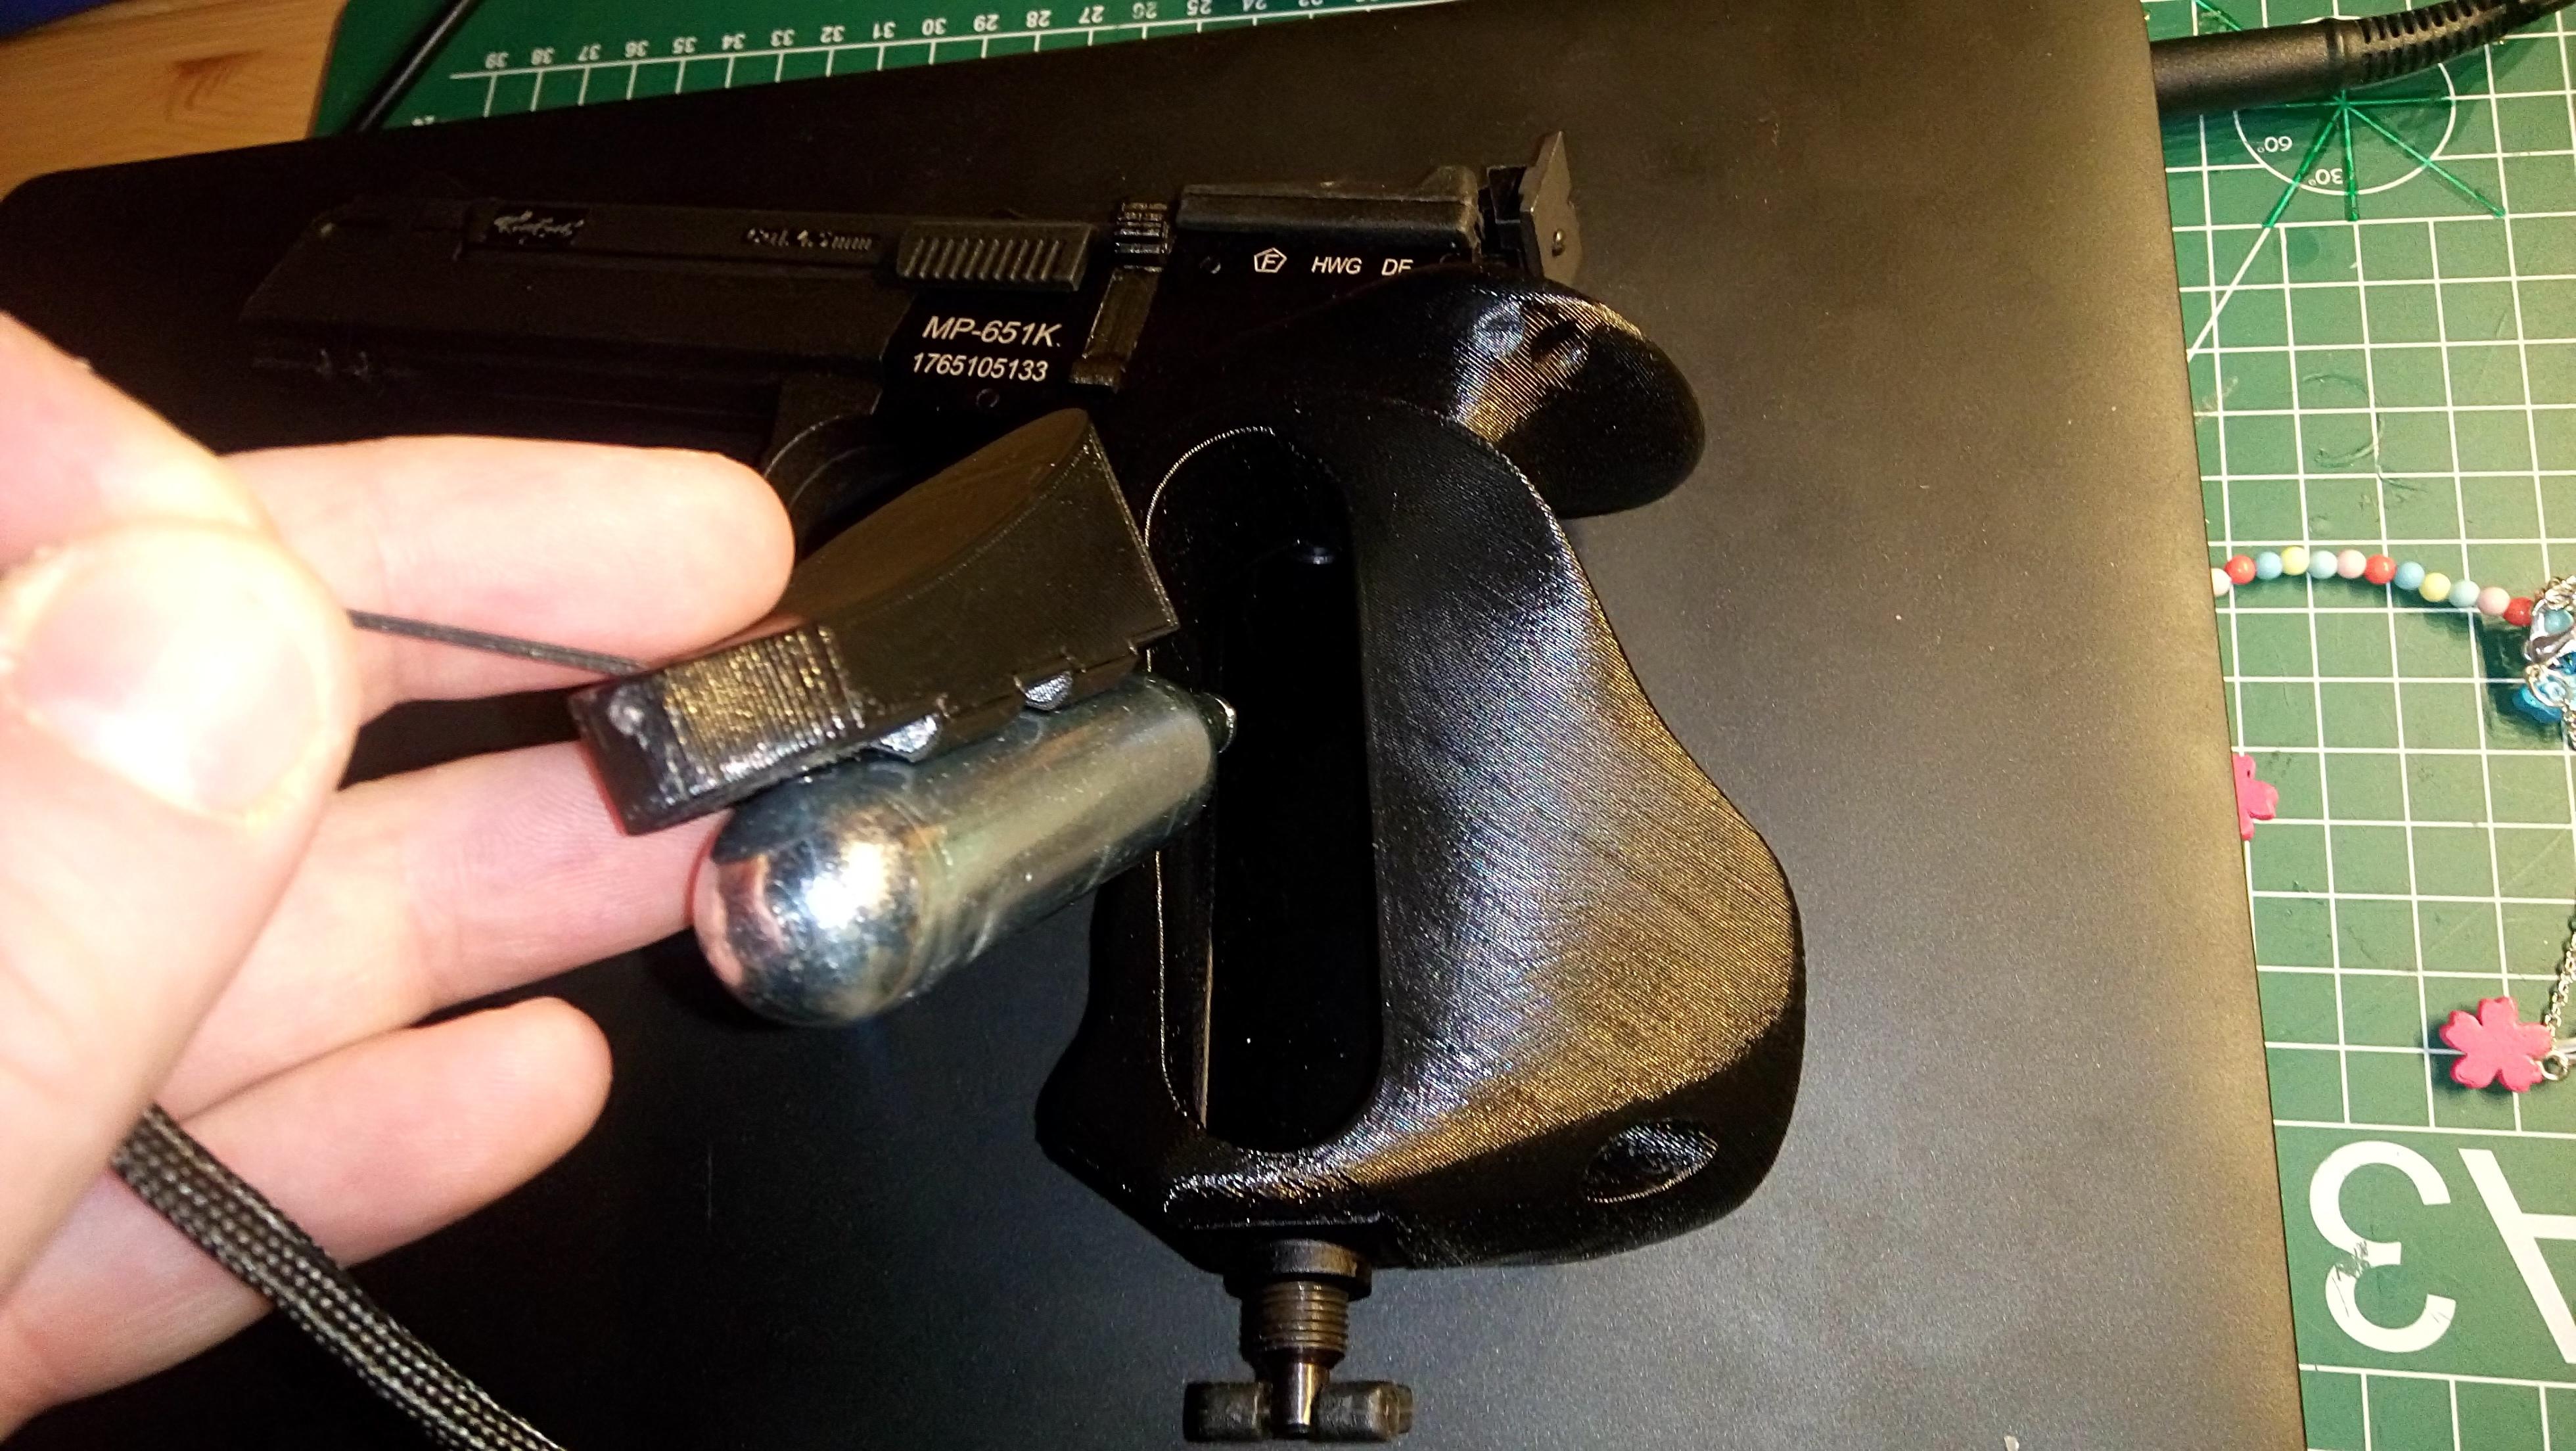 180218-DSC_0234.JPG Télécharger fichier STL gratuit Bouchon magnétique Baikal MP-651K pour poignée ergonomique • Plan pour imprimante 3D, Milan_Gajic